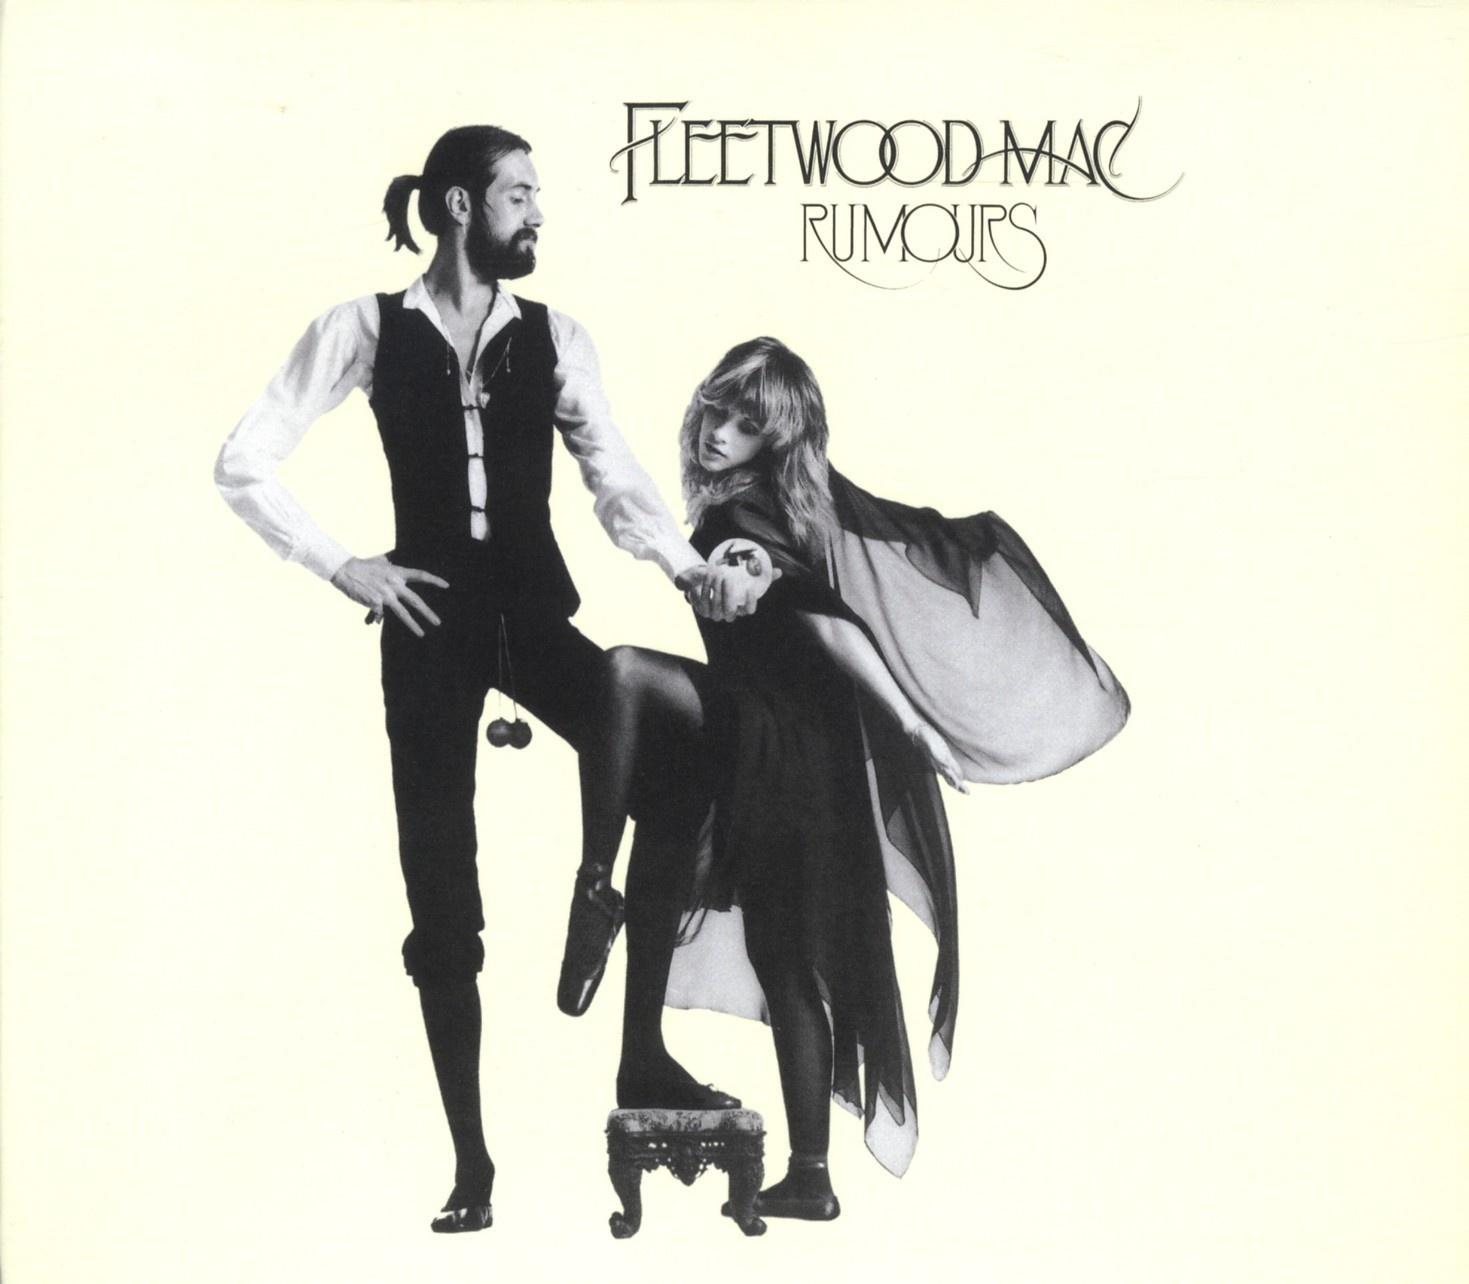 Dreams (Foto: Fleetwood Mac)